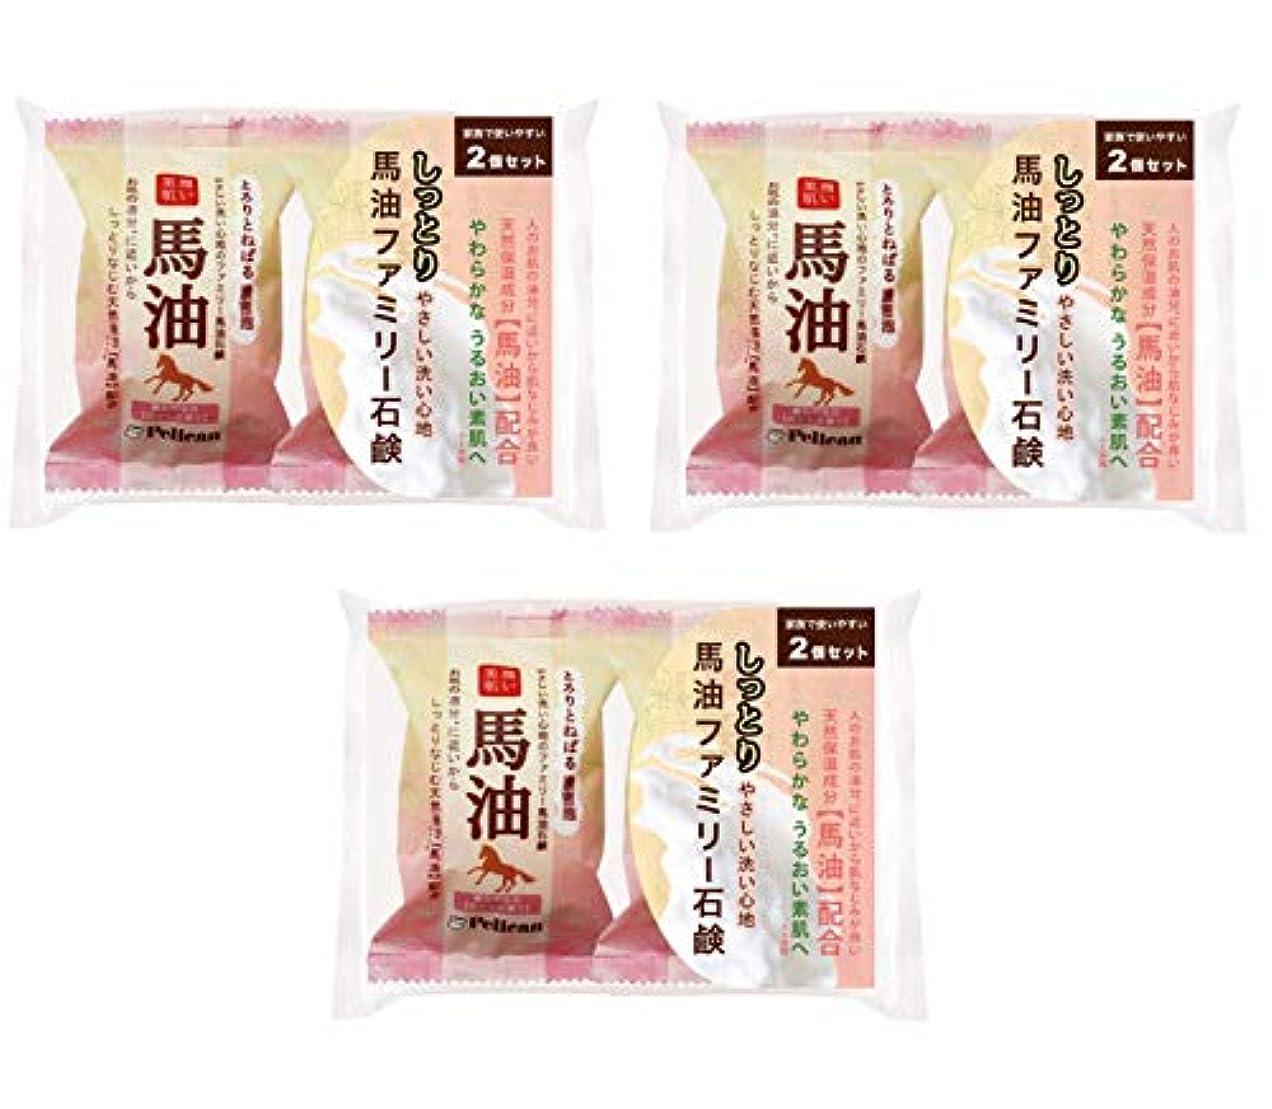 灌漑郵便屋さんラウンジ【まとめ買い】ペリカン石鹸 ファミリー 馬油石鹸 2P ×3個セット